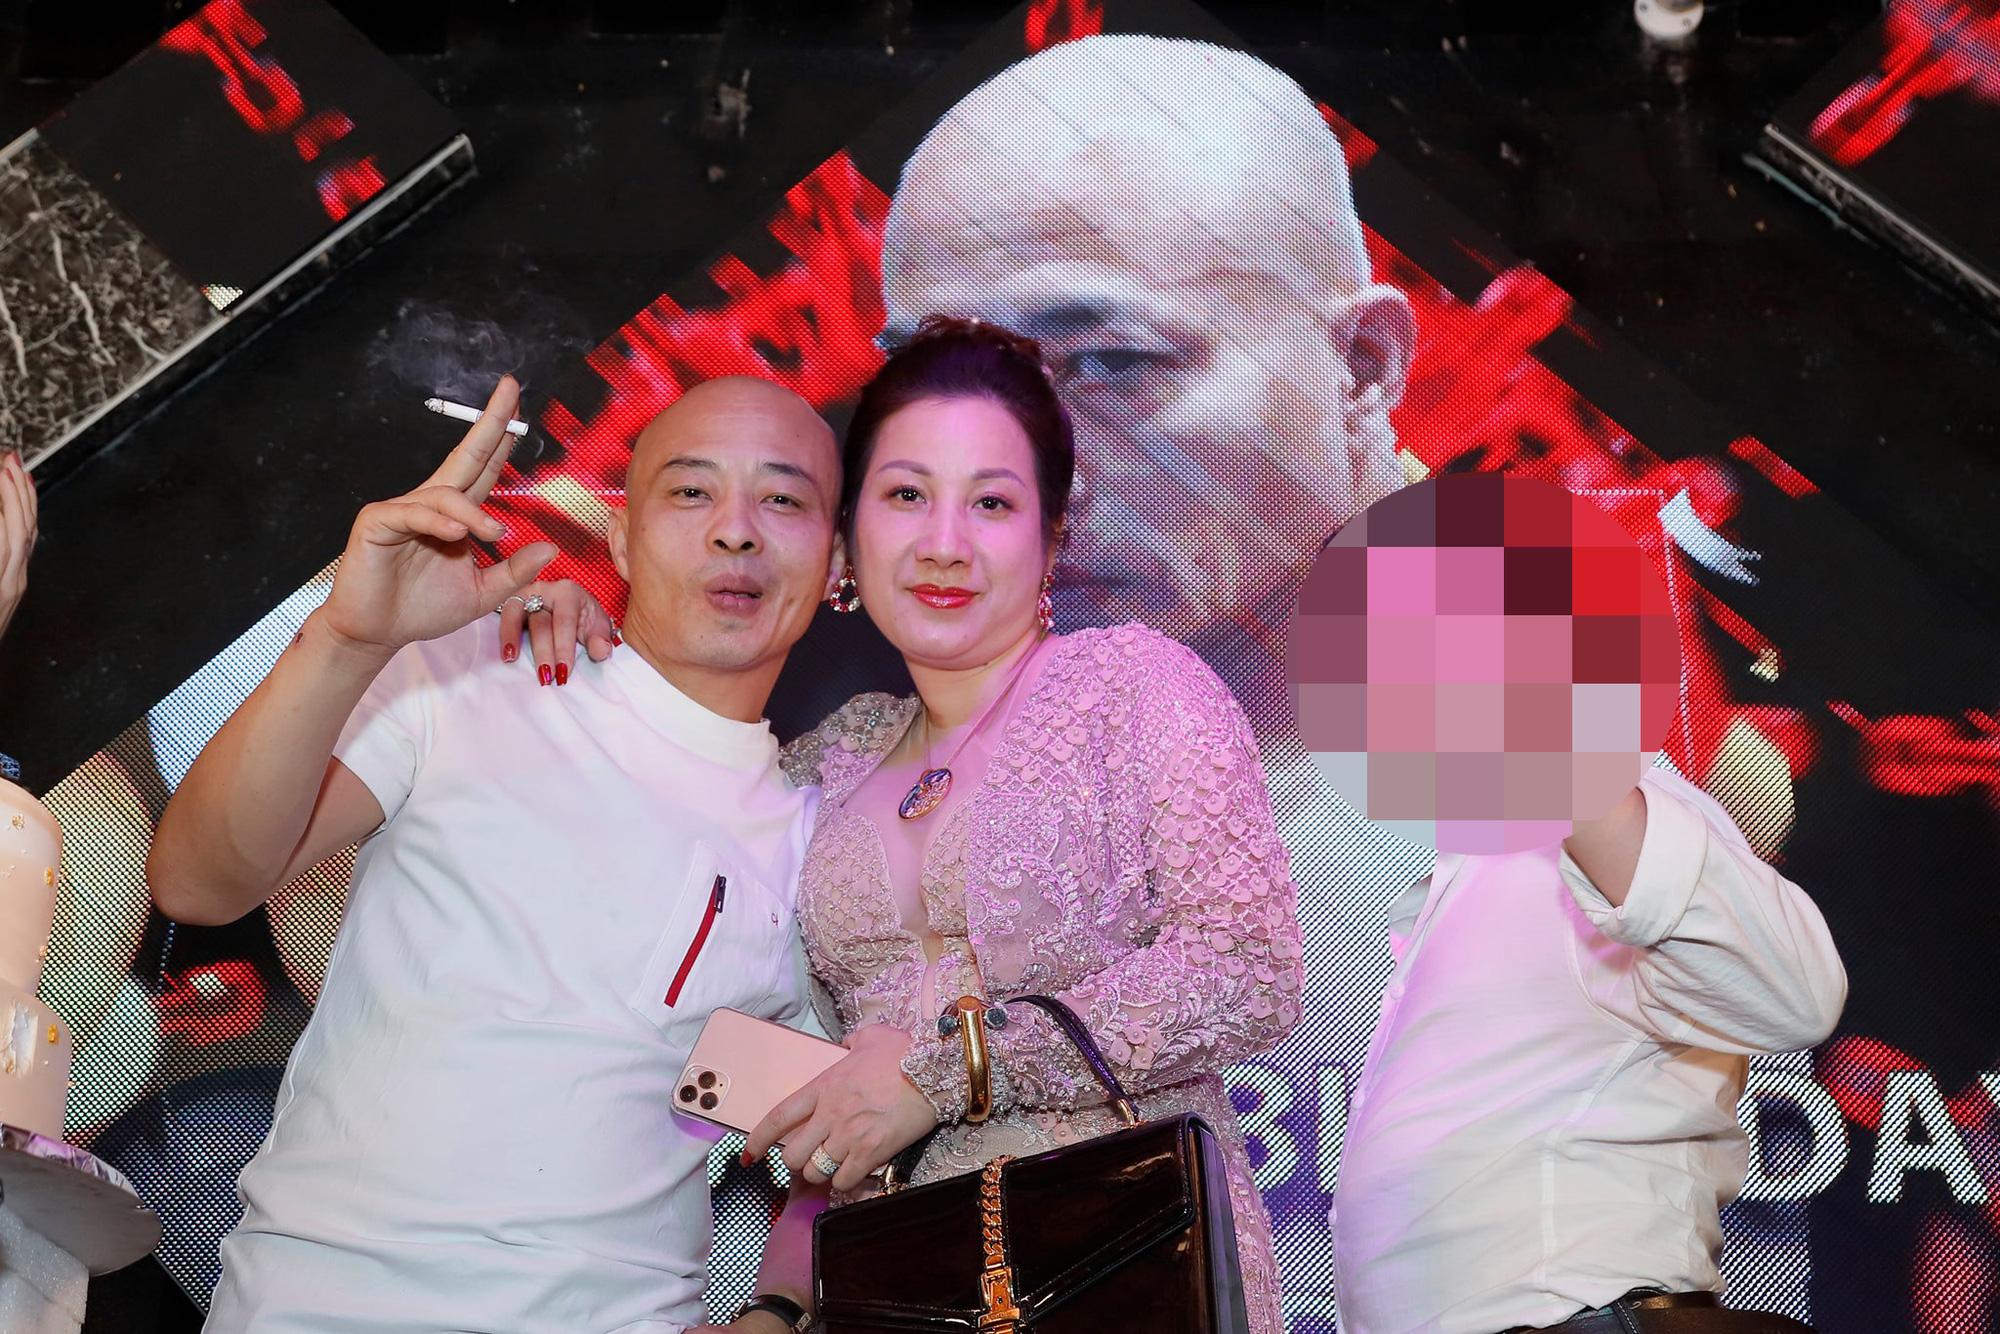 Chính thức khởi tố nữ viên chức thuộc Sở Tư pháp Thái Bình tham ô tài sản - Ảnh 1.